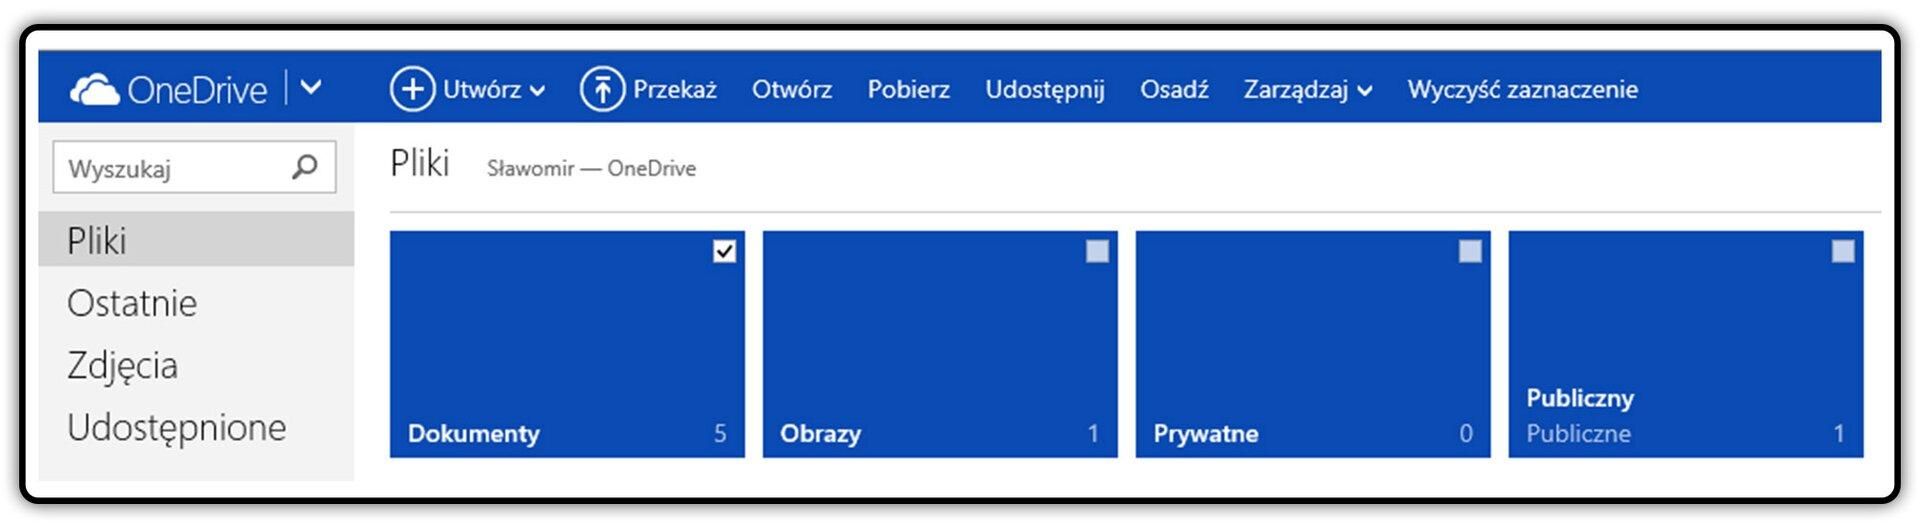 Zrzut fragmentu okna dysku OneDrive